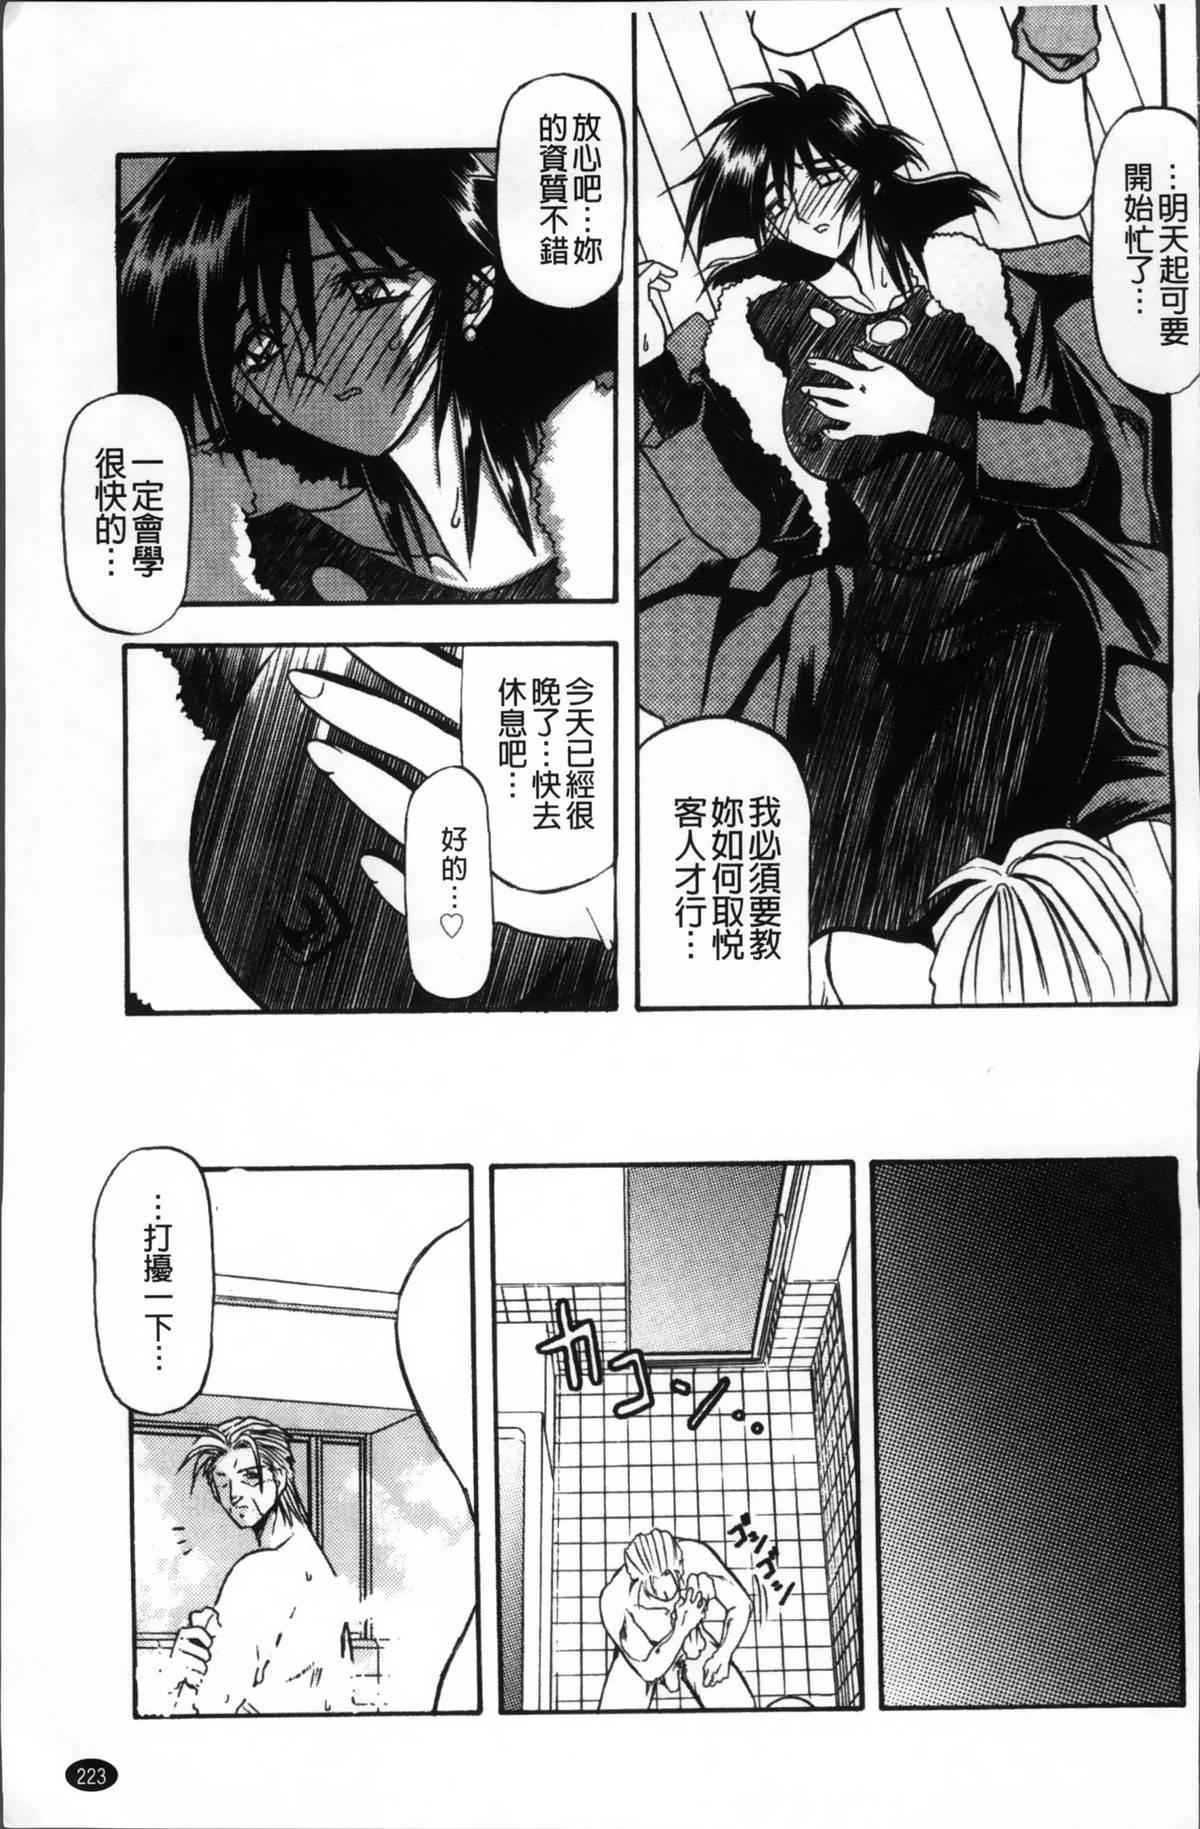 Hiiro no Koku Kanzenban   緋色之刻 完全版 226